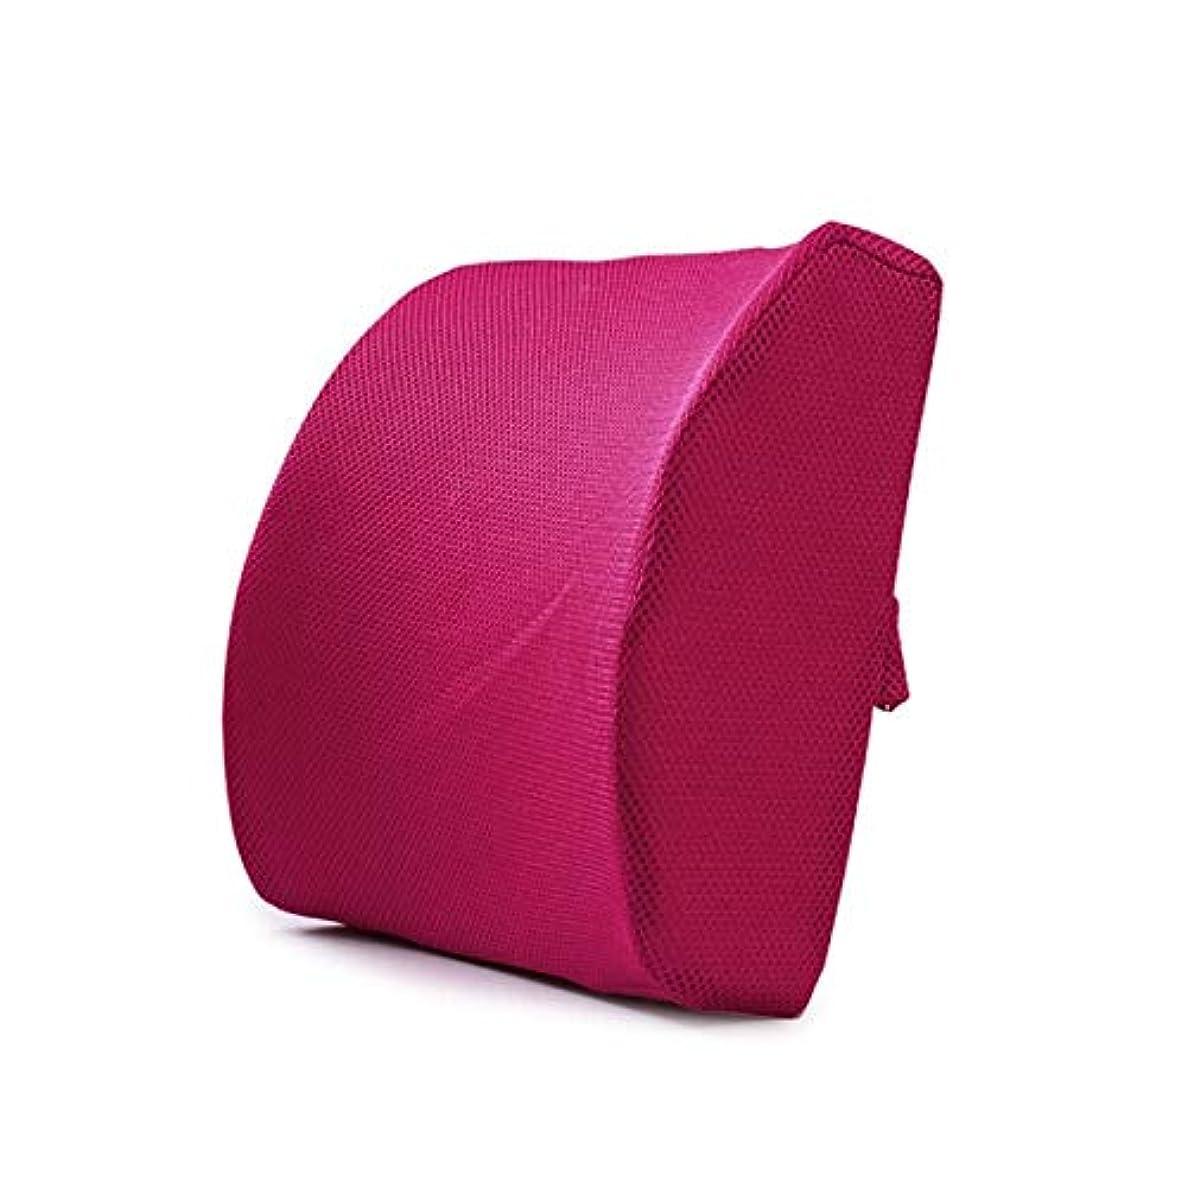 それ薄暗い準備するLIFE ホームオフィス背もたれ椅子腰椎クッションカーシートネック枕 3D 低反発サポートバックマッサージウエストレスリビング枕 クッション 椅子